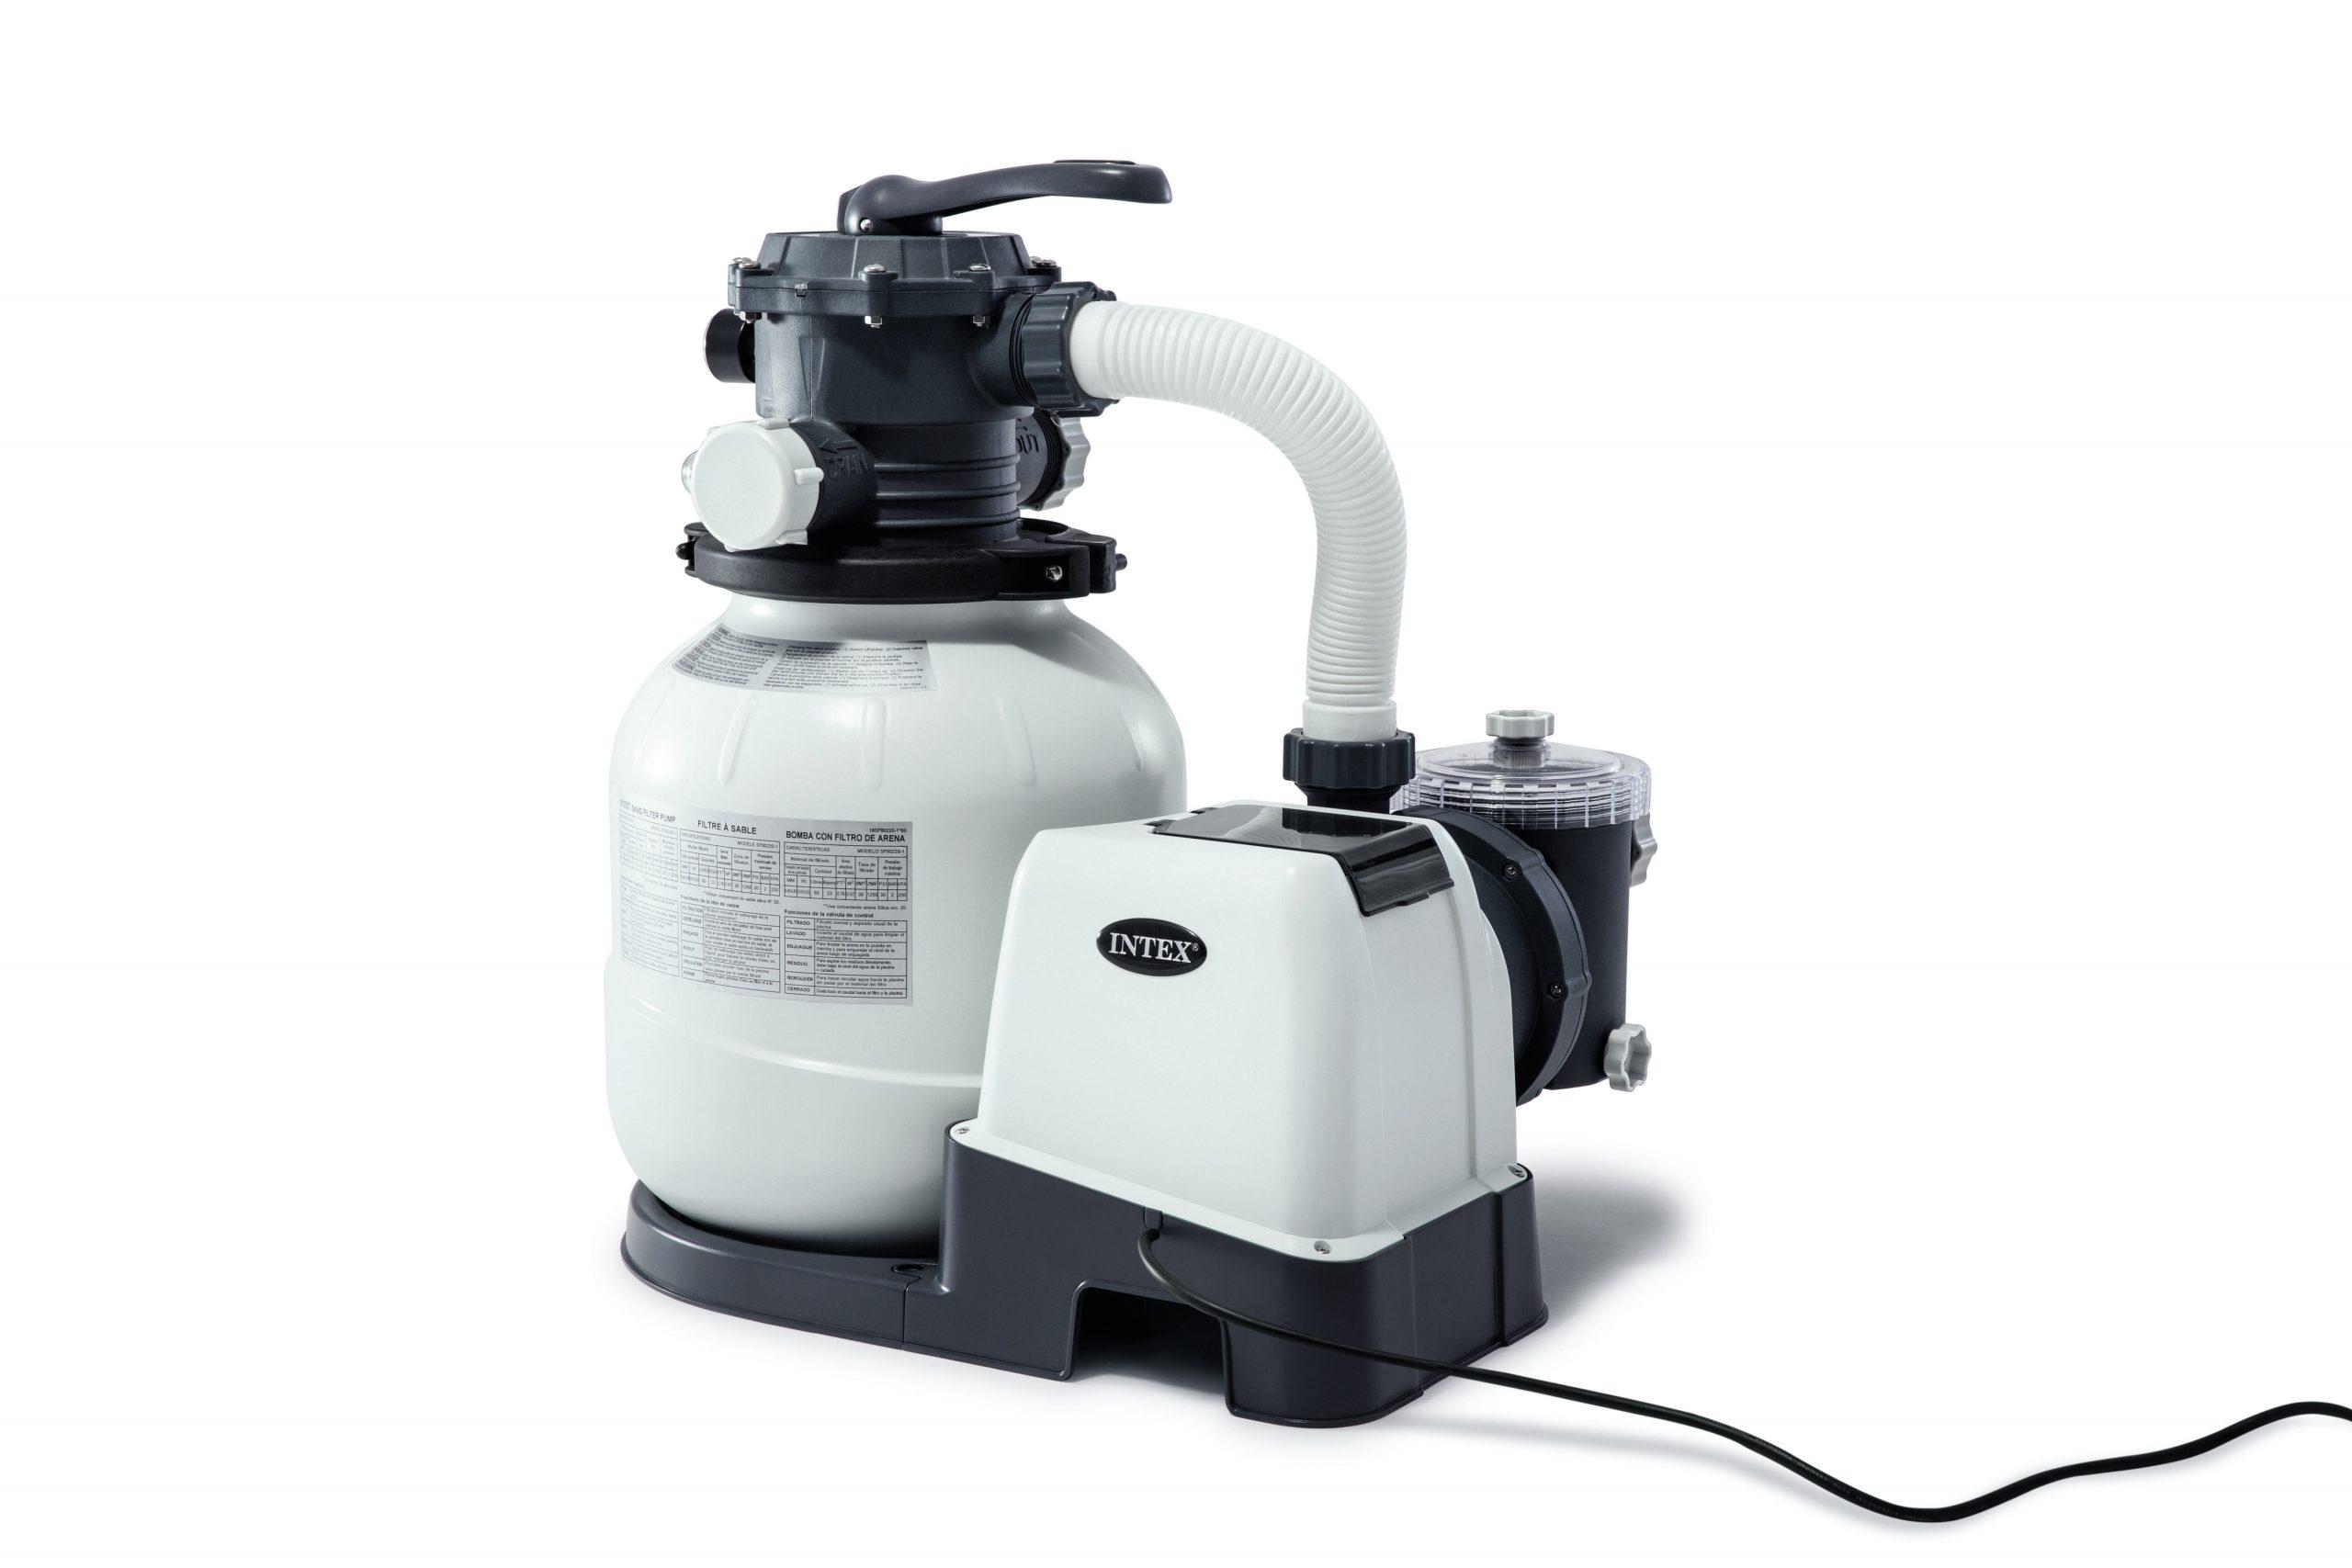 Filtre À Sable Pour Piscine Intex 6 M³/H avec Vanne Piscine Intex